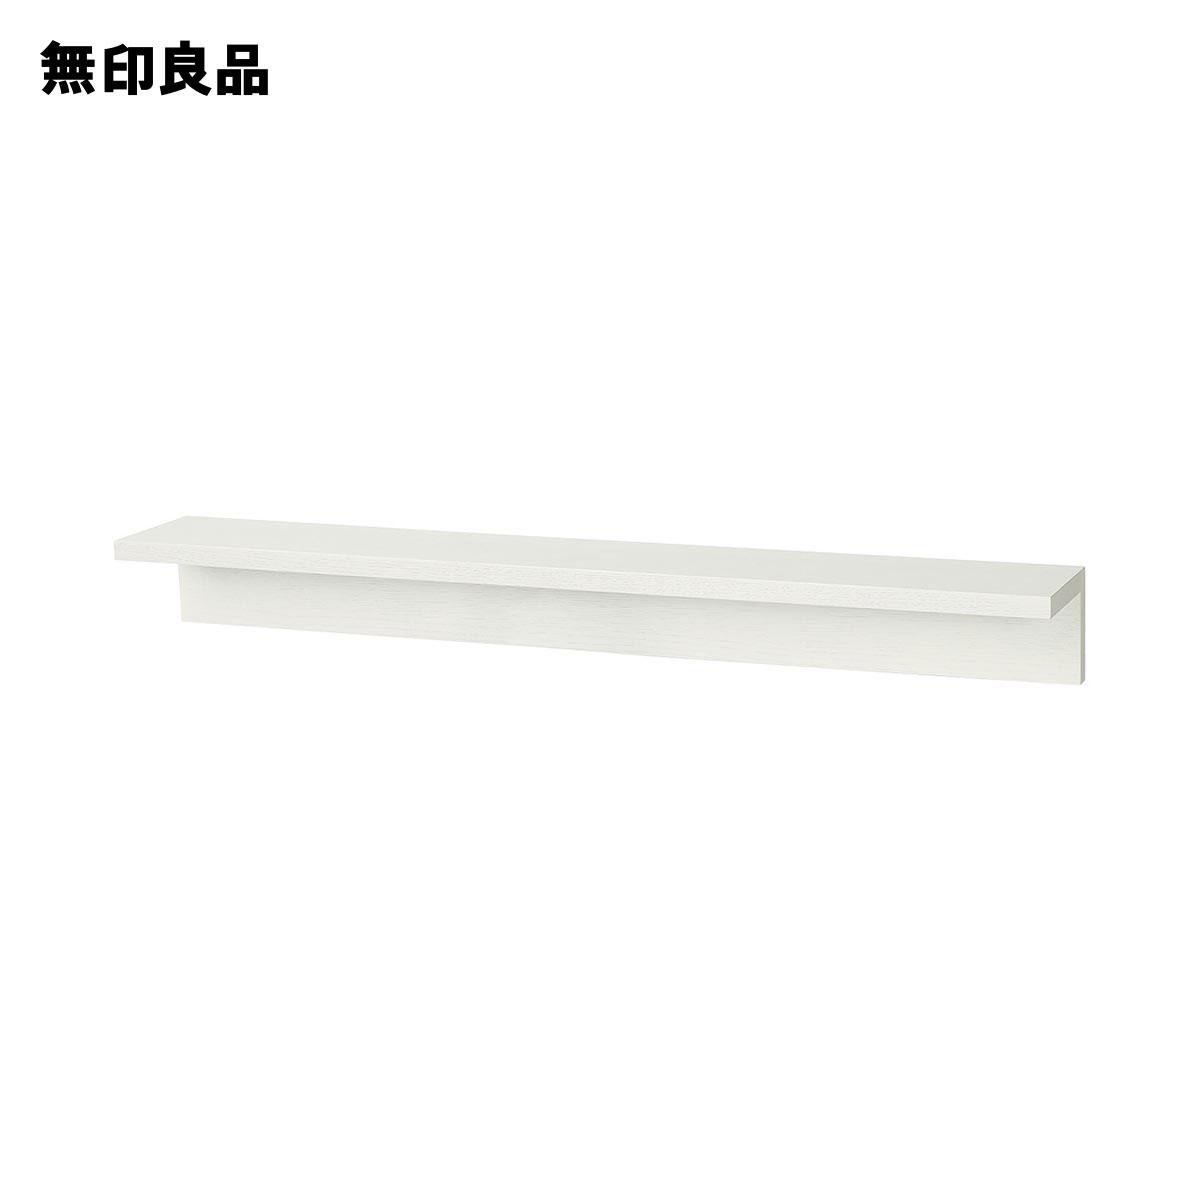 無印良品 公式 壁に付けられる家具棚 オーク材突板 ライトグレー88cm 休日 新品■送料無料■